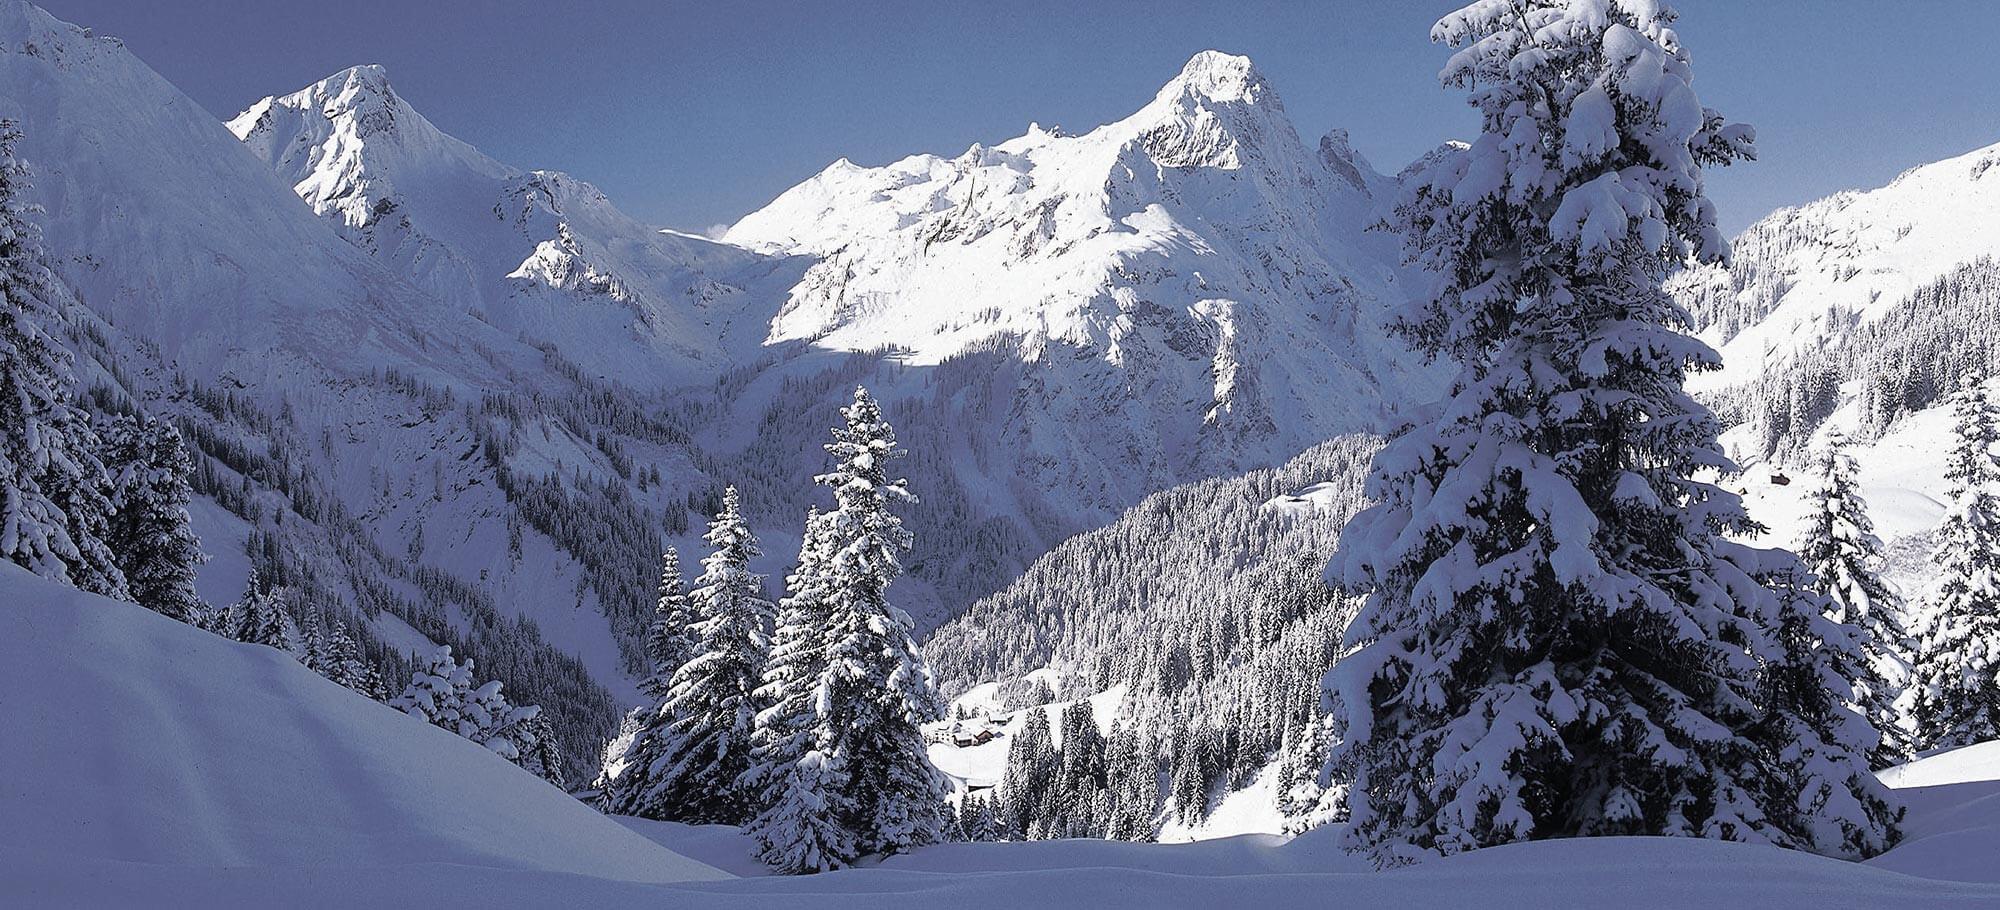 Winterberge im Bregenzerwald